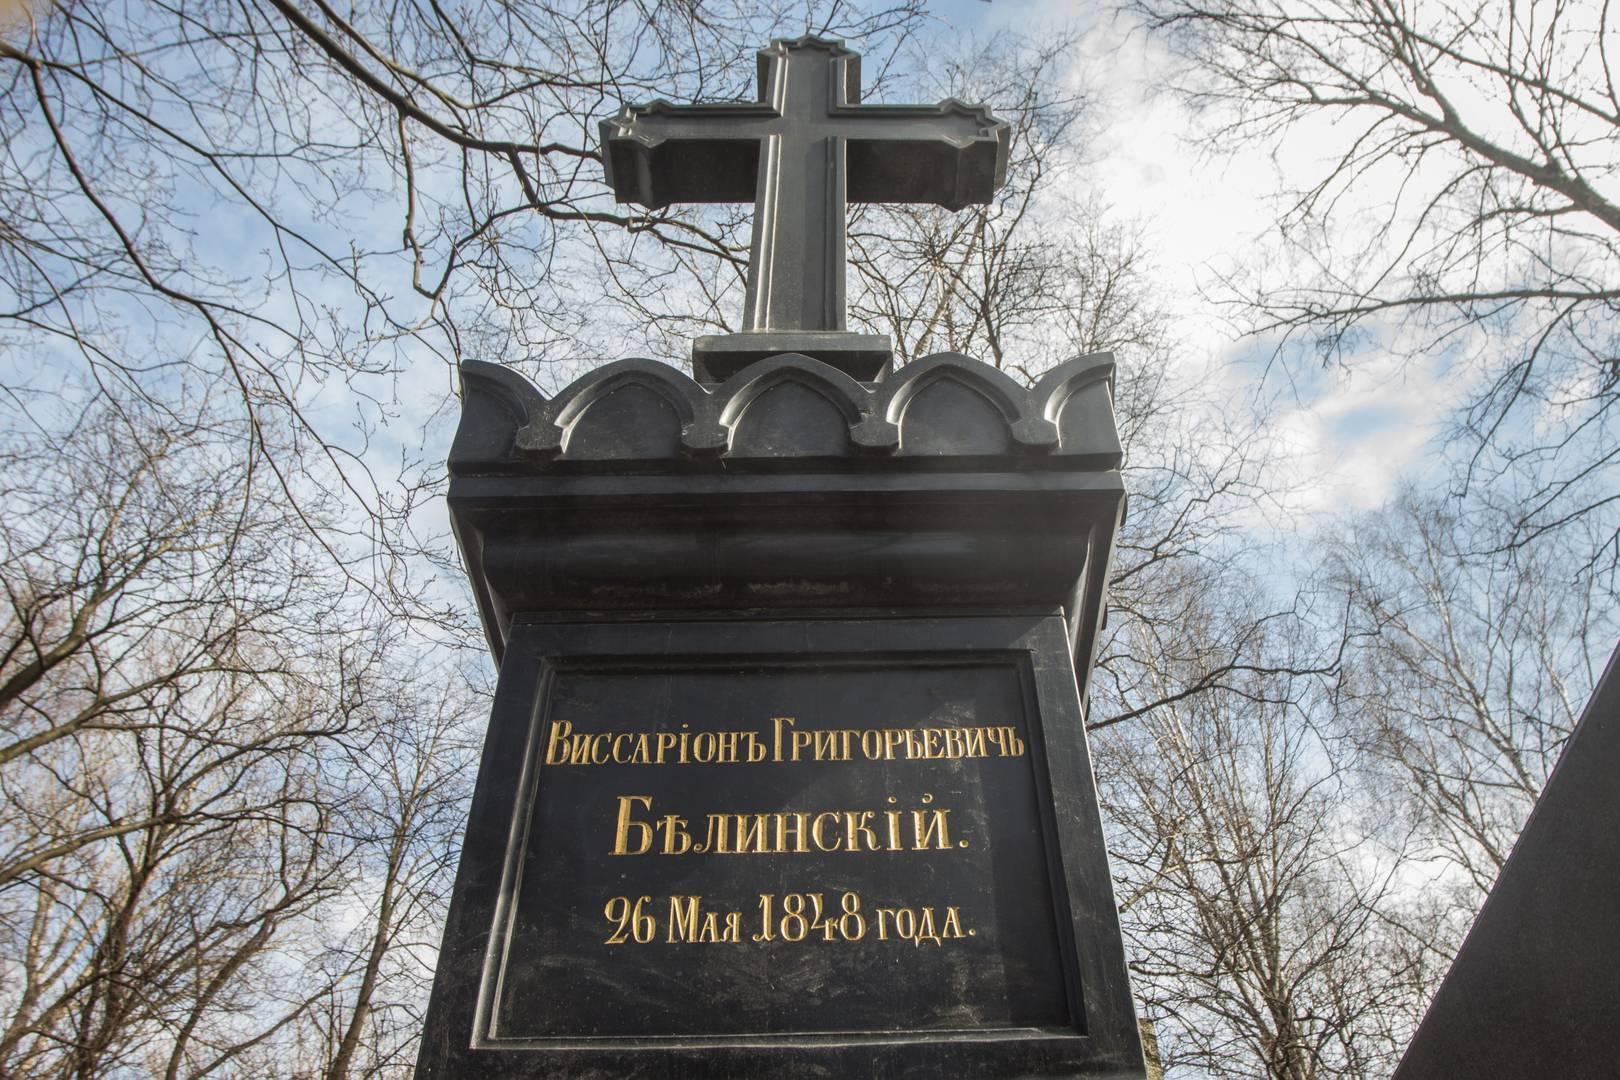 Могила Виссариона Григорьевича Белинского на Литераторских мостках Волковского кладбища Санкт-Петербурга